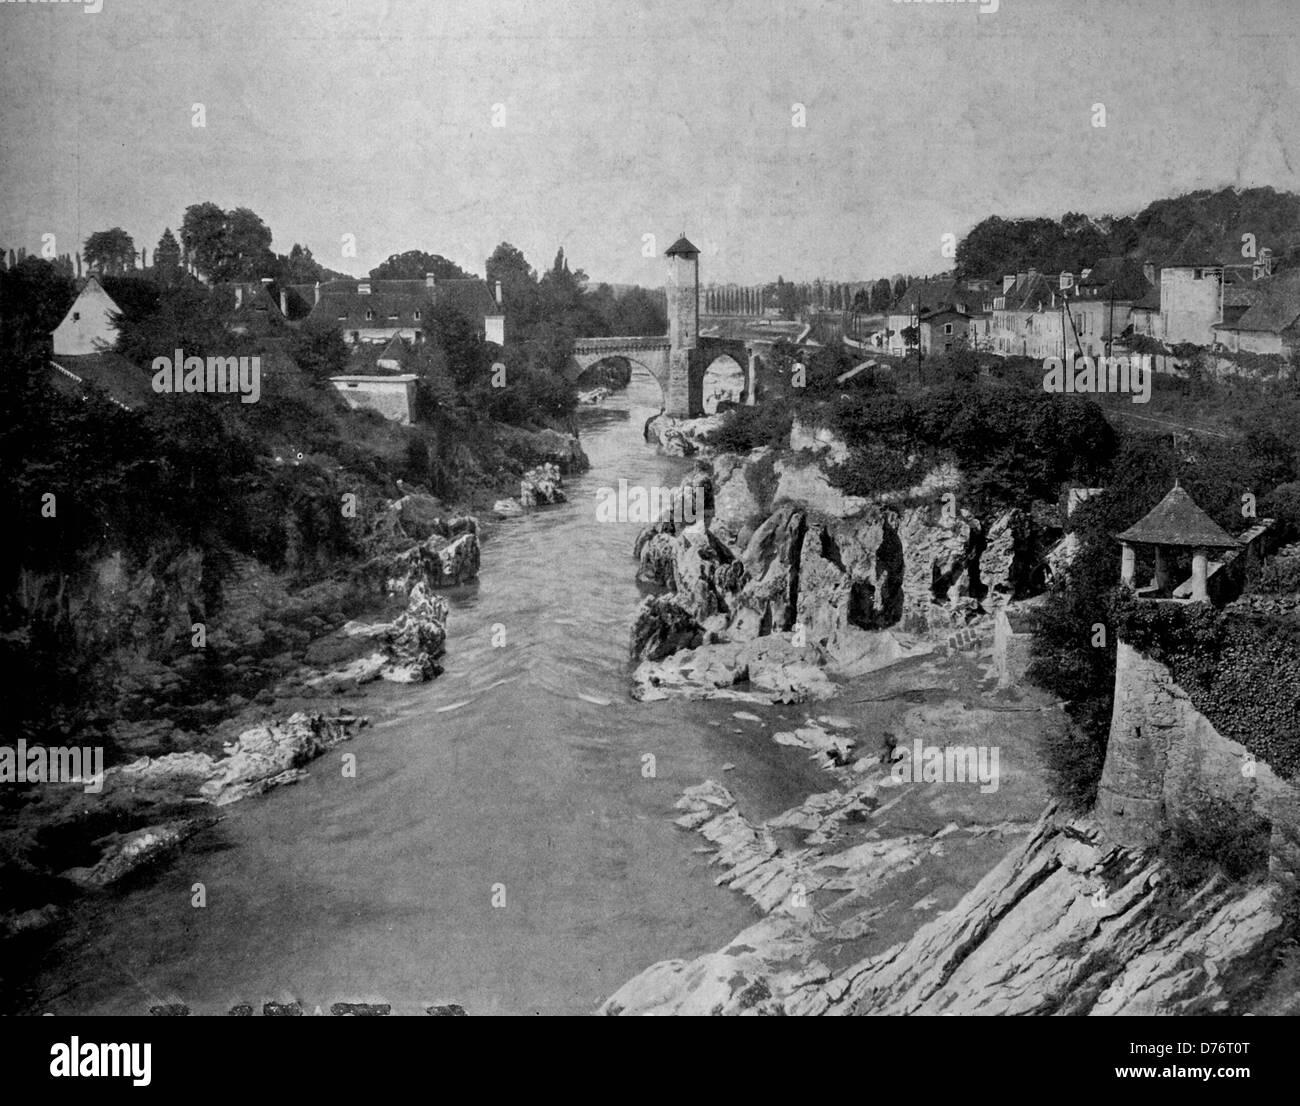 Uno dei primi autotype fotografie di La Gave de Pau River, Orthez, Francia, circa 1880 Immagini Stock